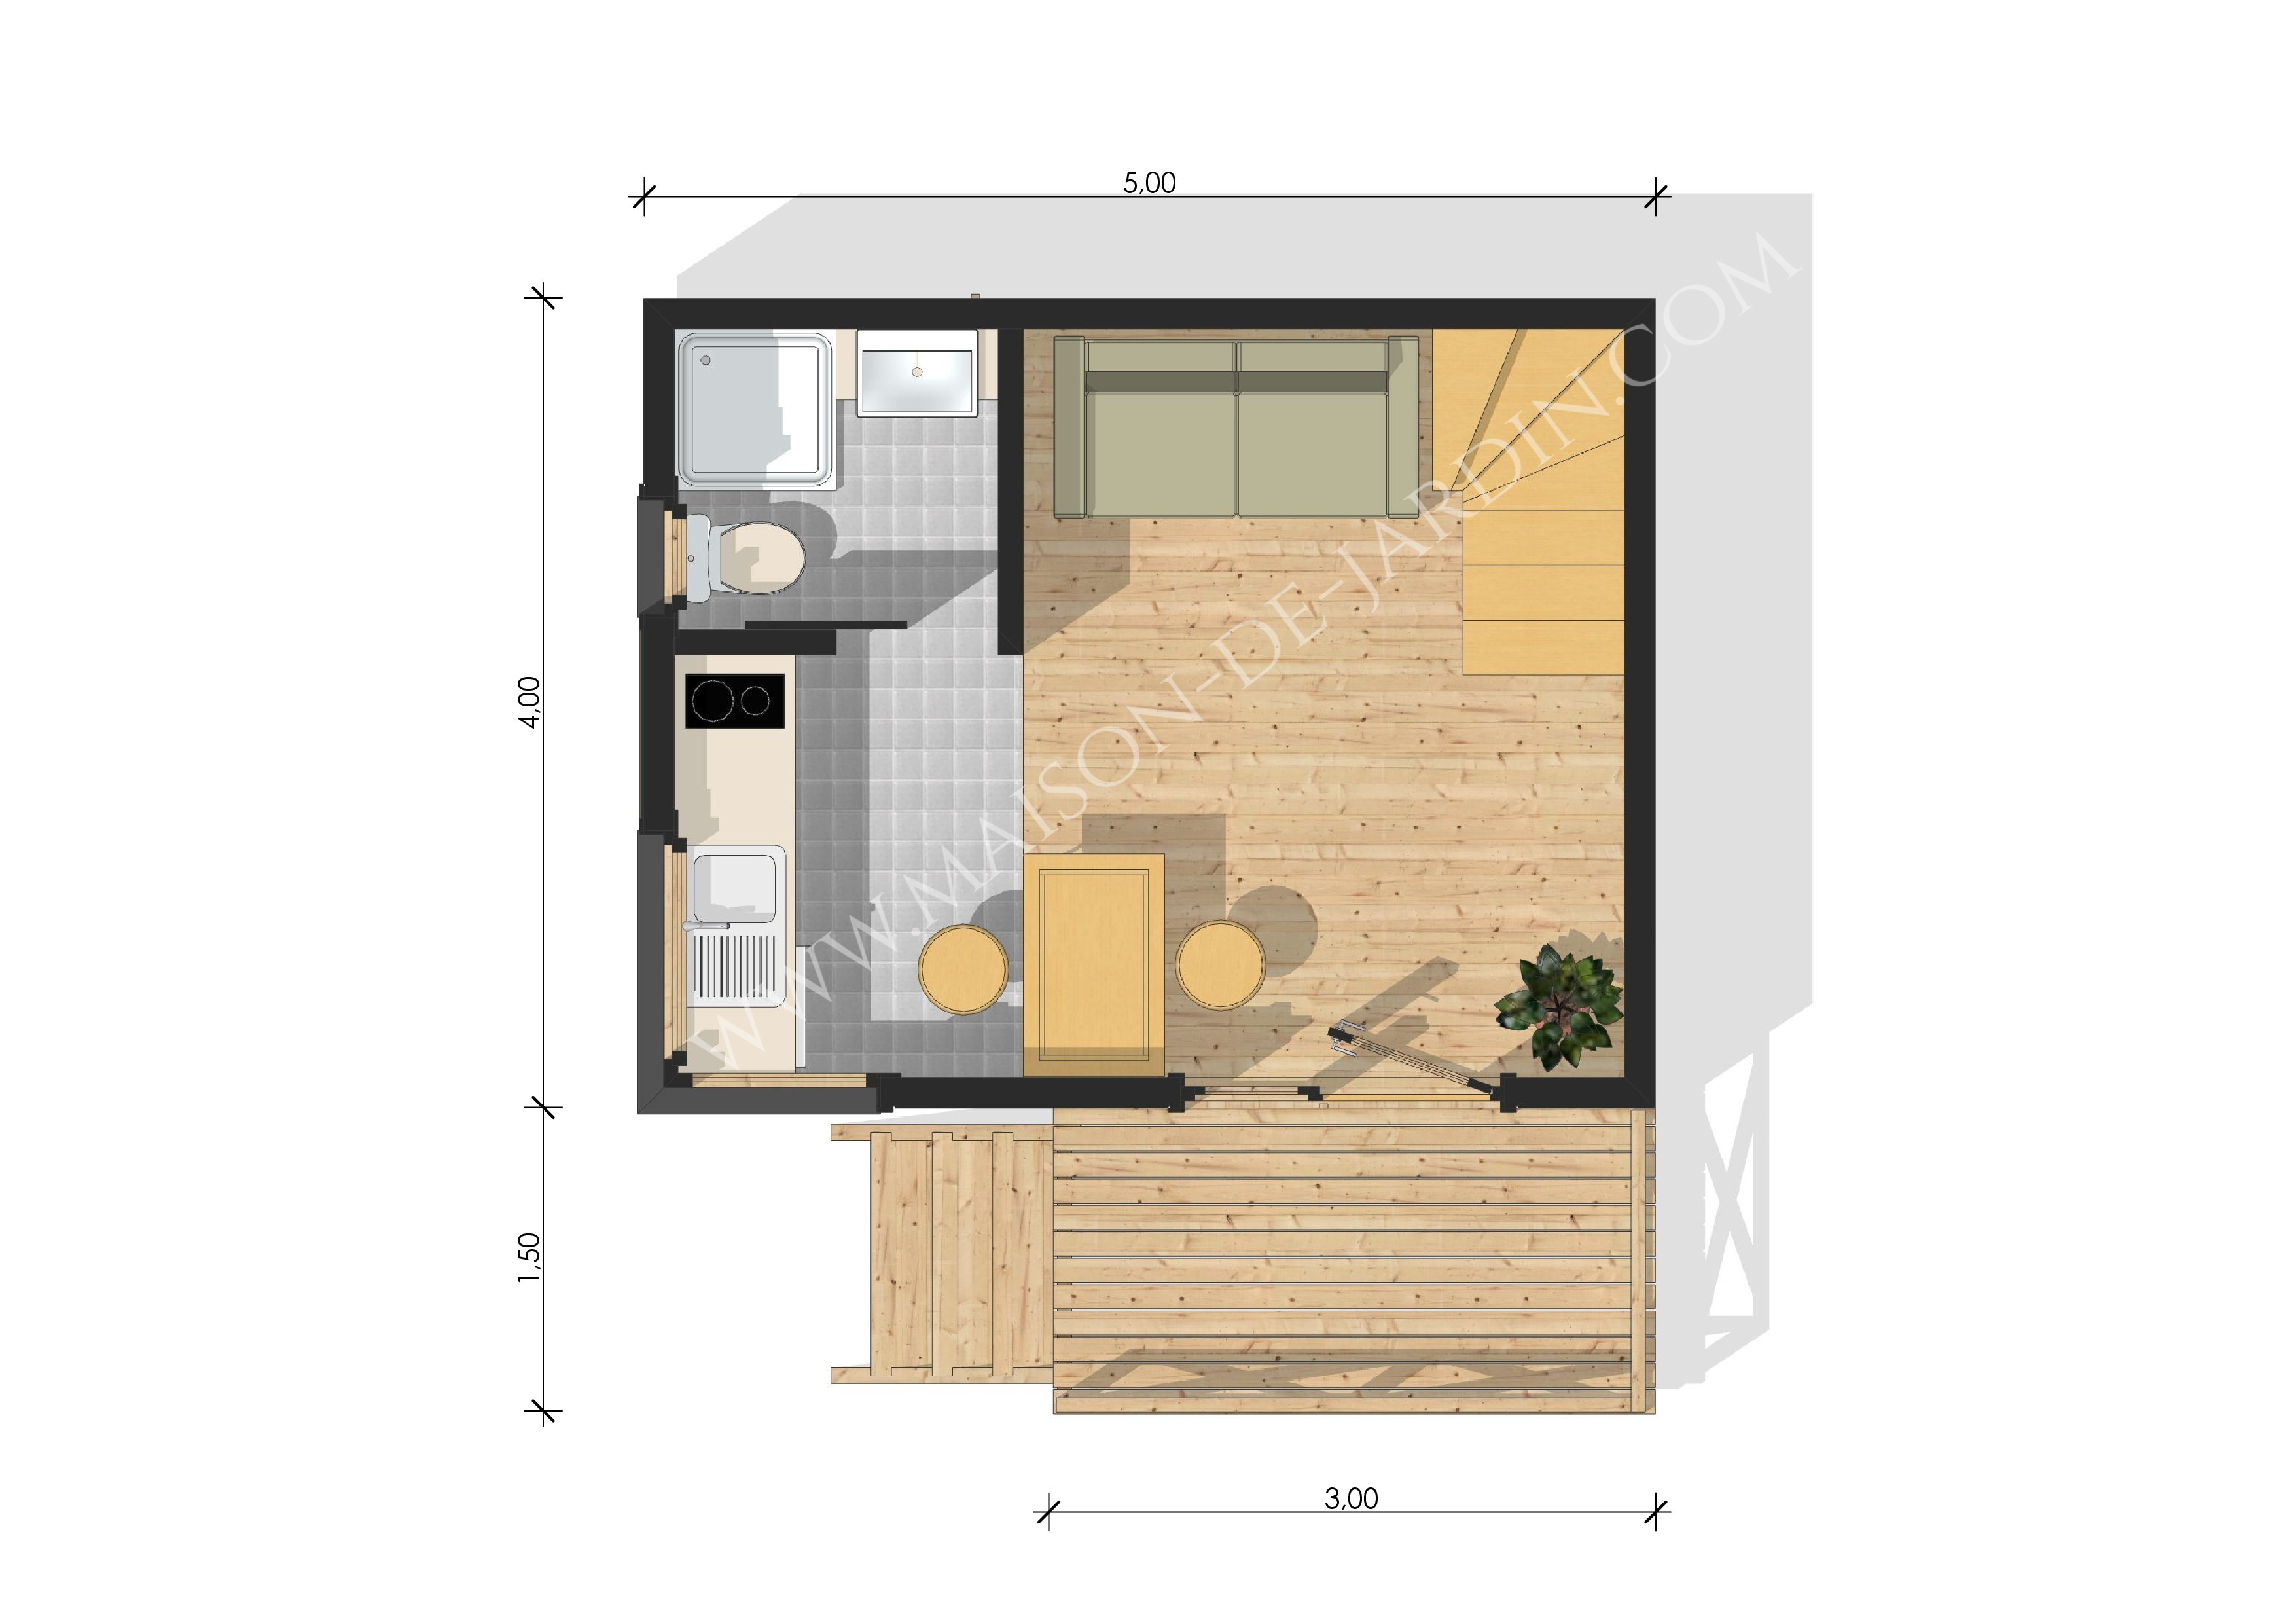 Studio de jardin avec ossature bois nantes 37 m 32445 - Plan de bureau en bois ...